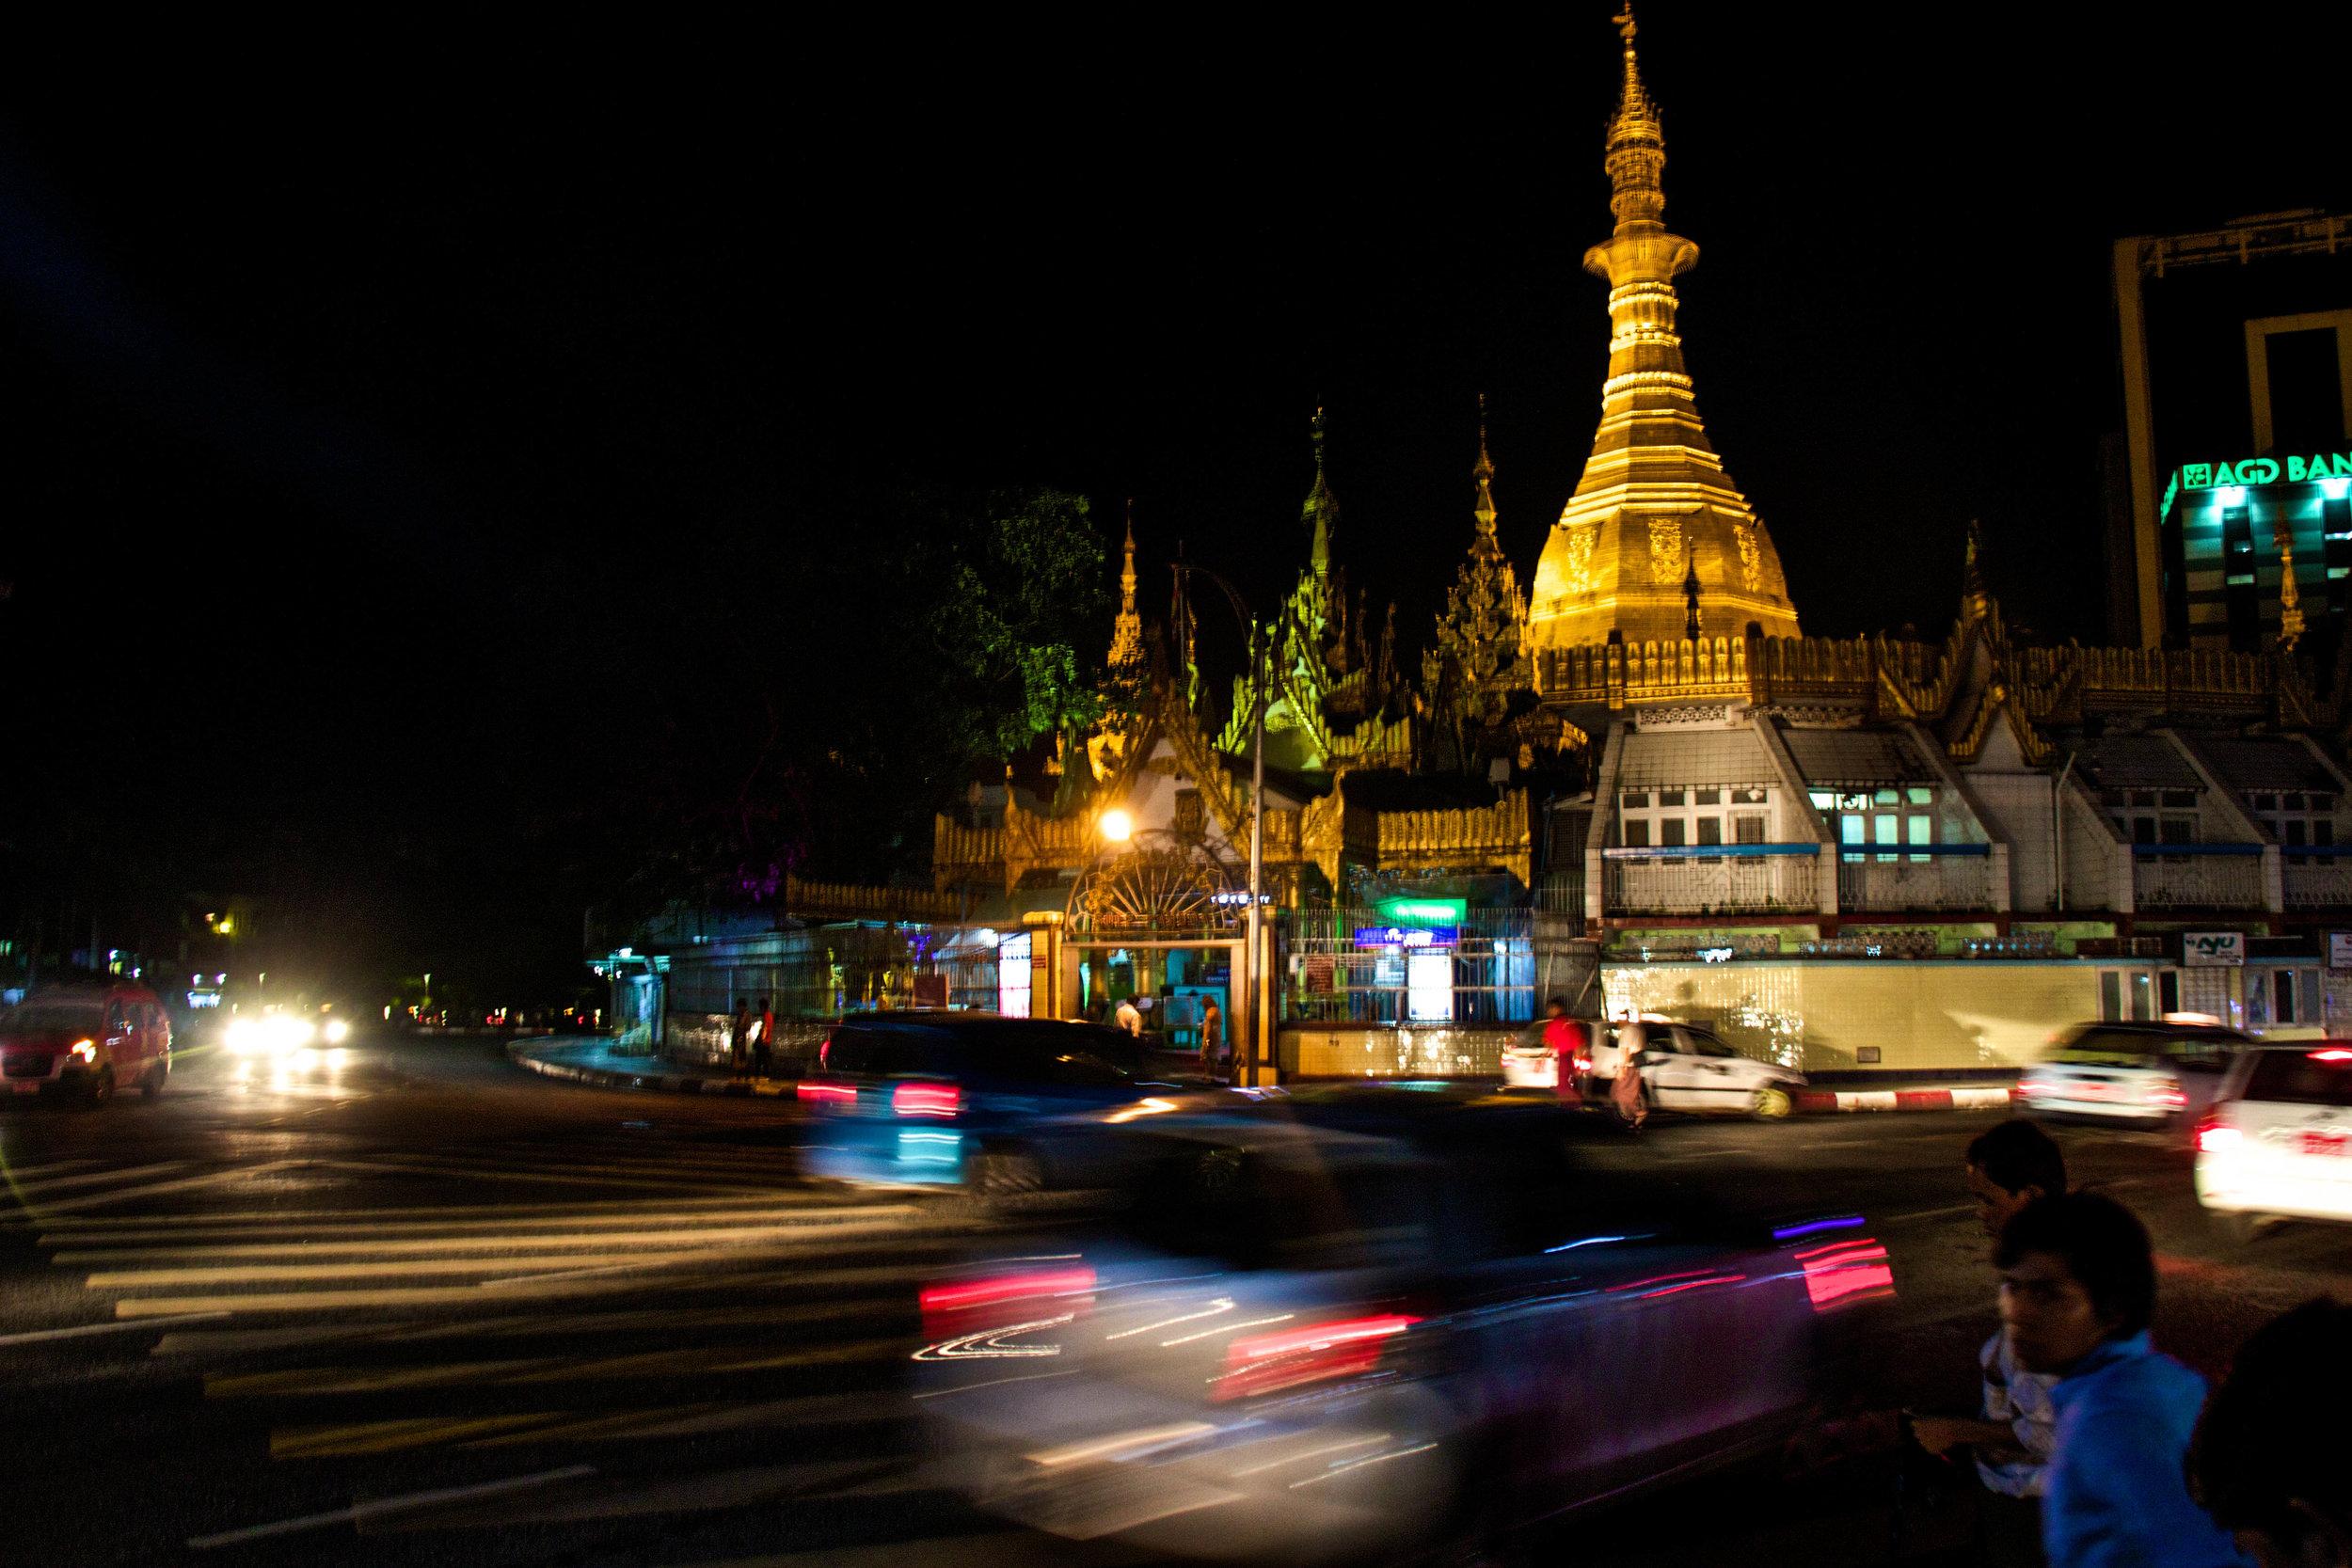 Rangoon (Yangon) Streets At Night